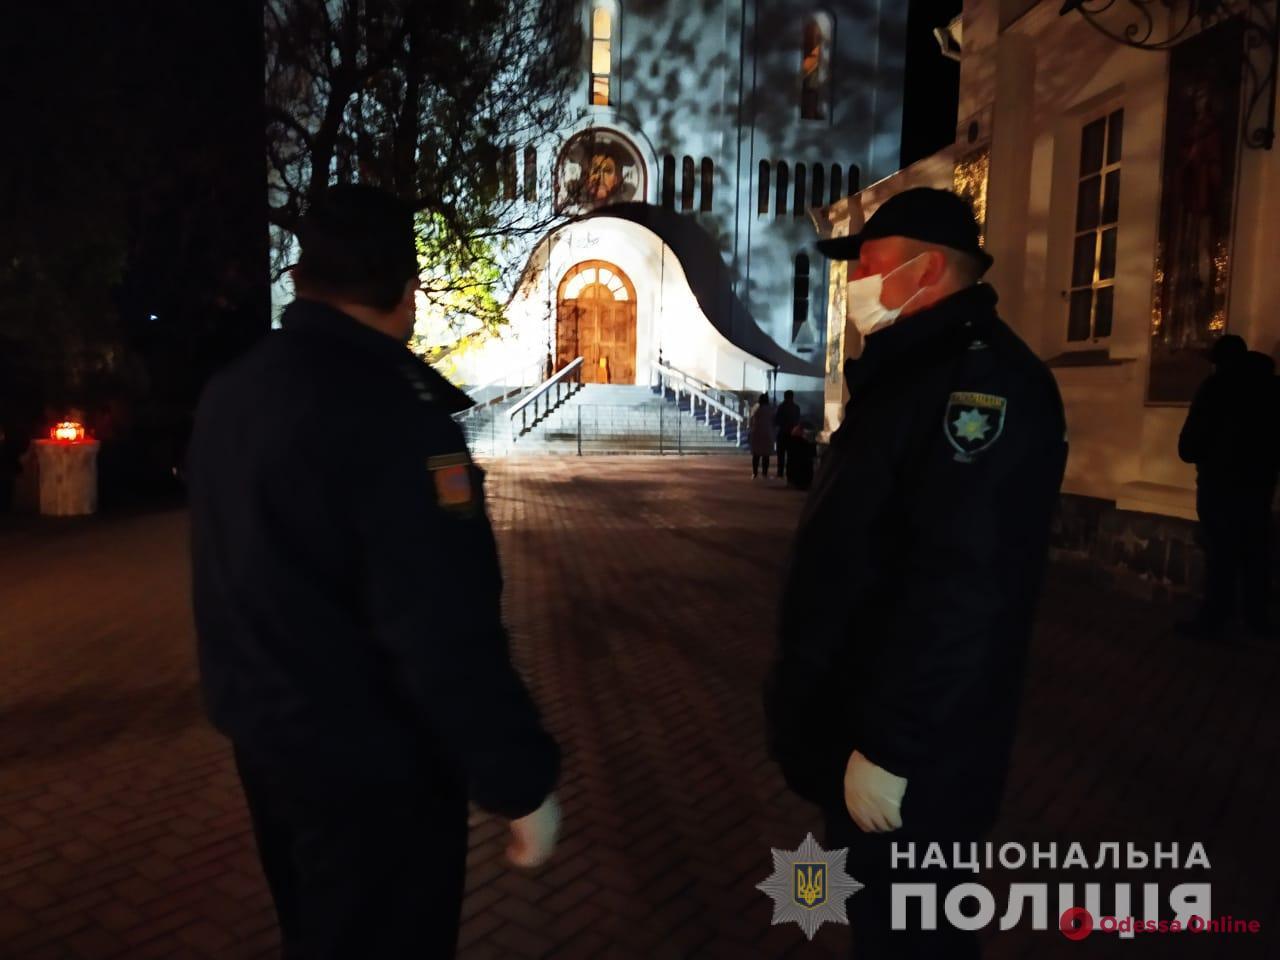 Полиция: Пасхальная ночь в Одесской области прошла без нарушений